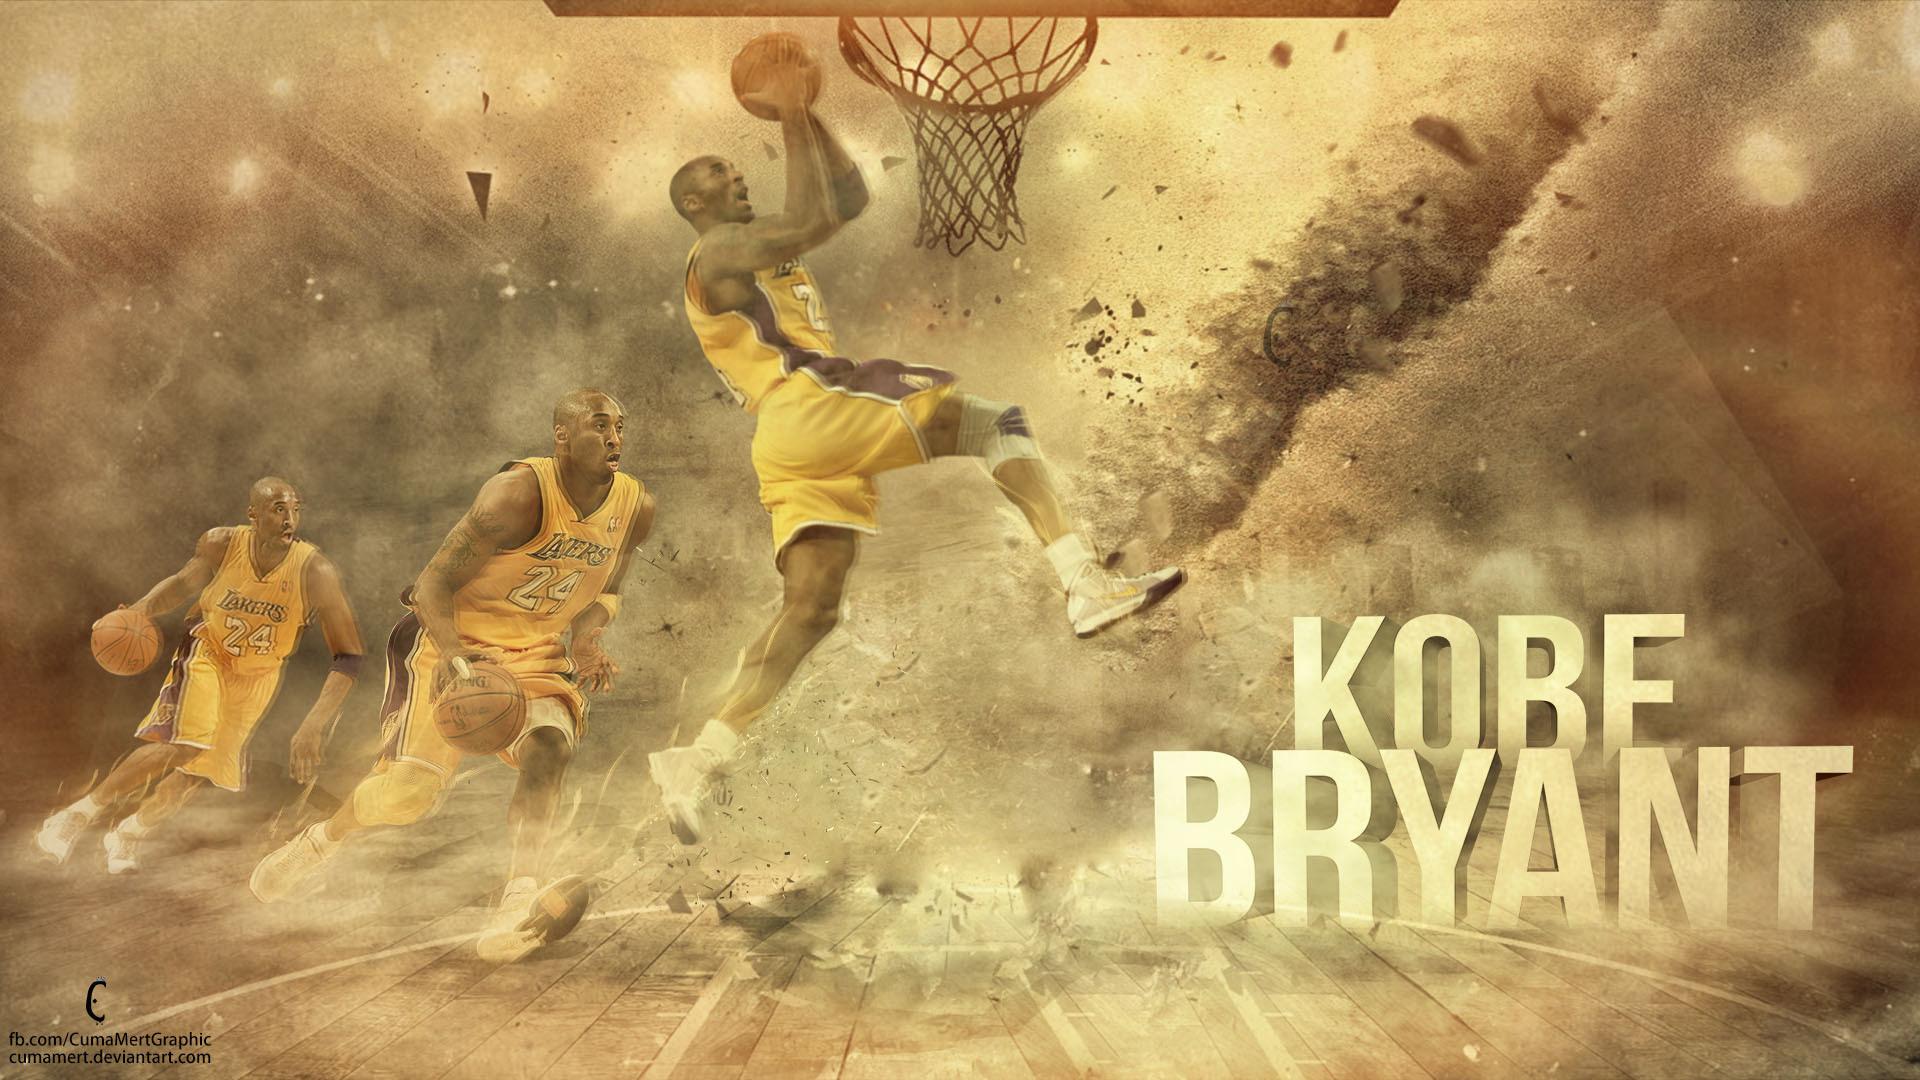 Kobe Bryant Return 2013 1920×1080 Wallpaper